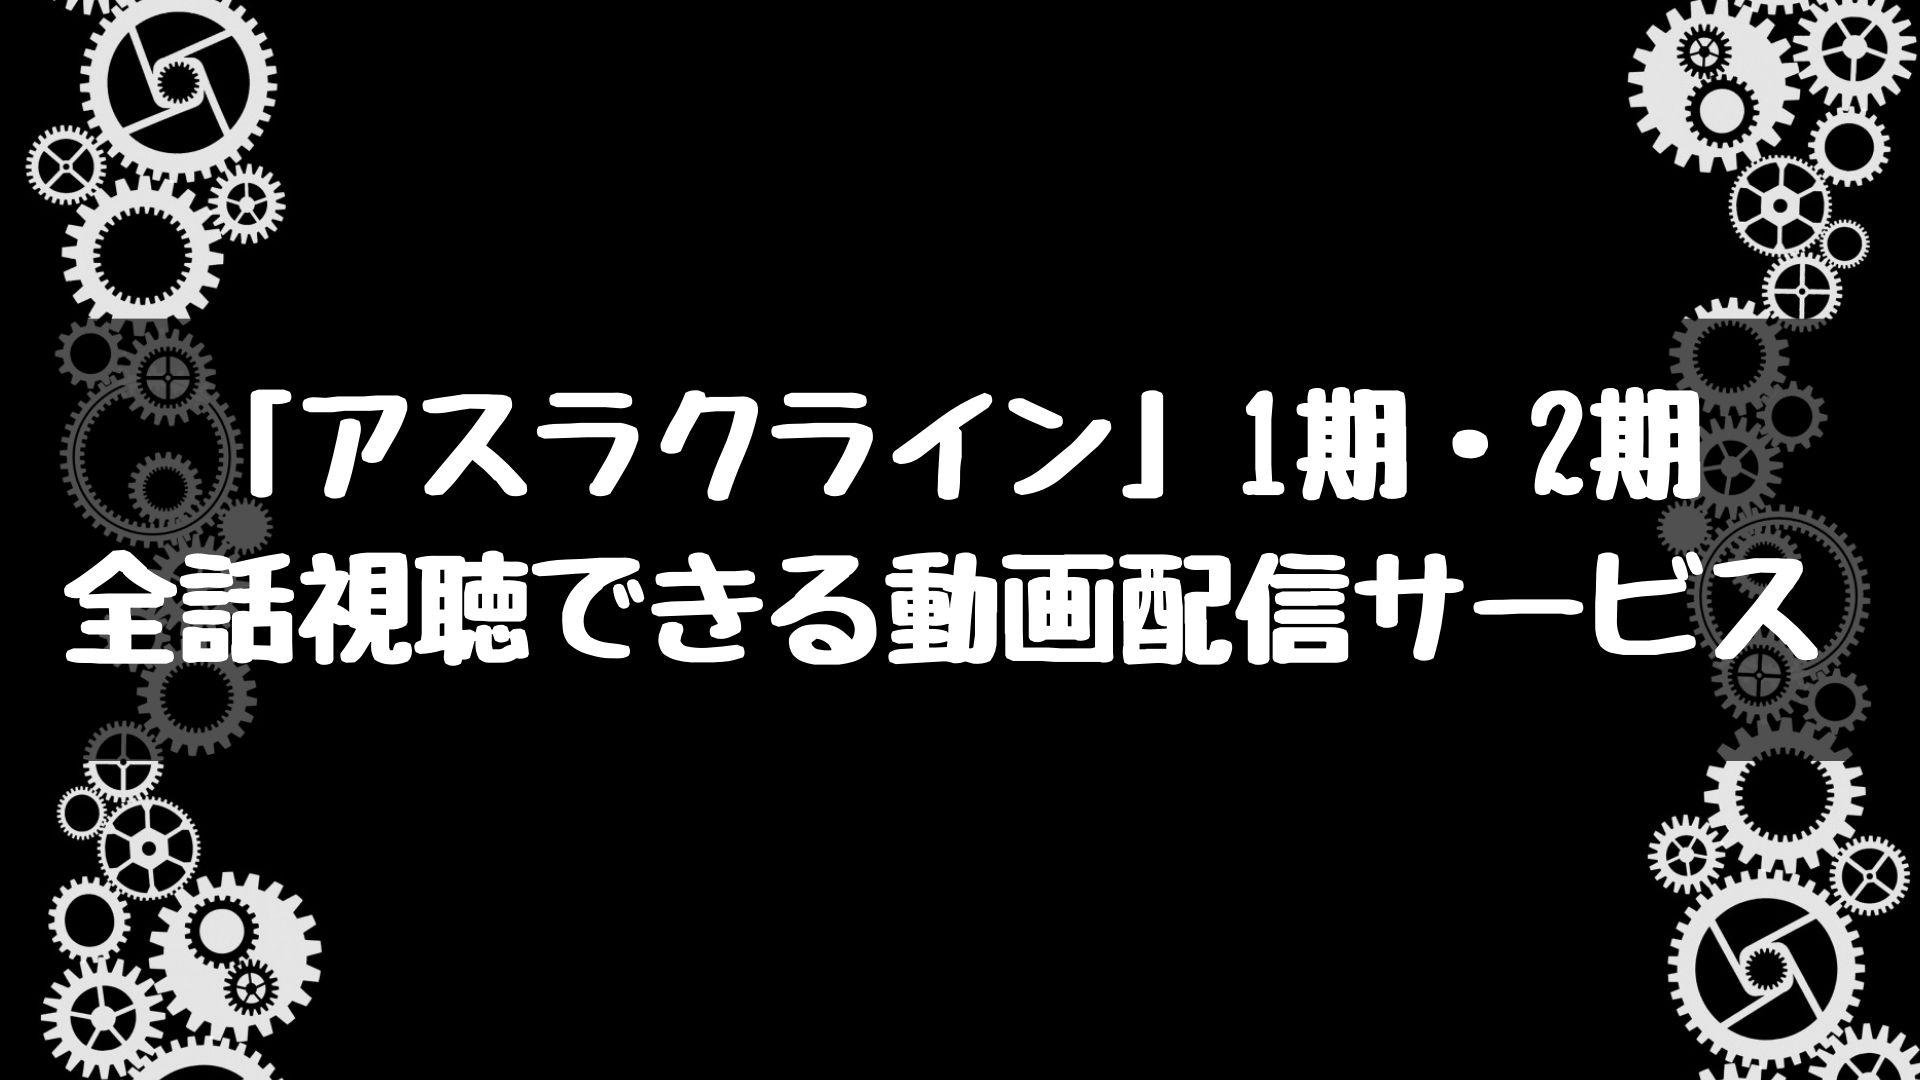 「アスラクライン」1期・2期の動画!アニメ全話が視聴できる動画配信サービス一覧!